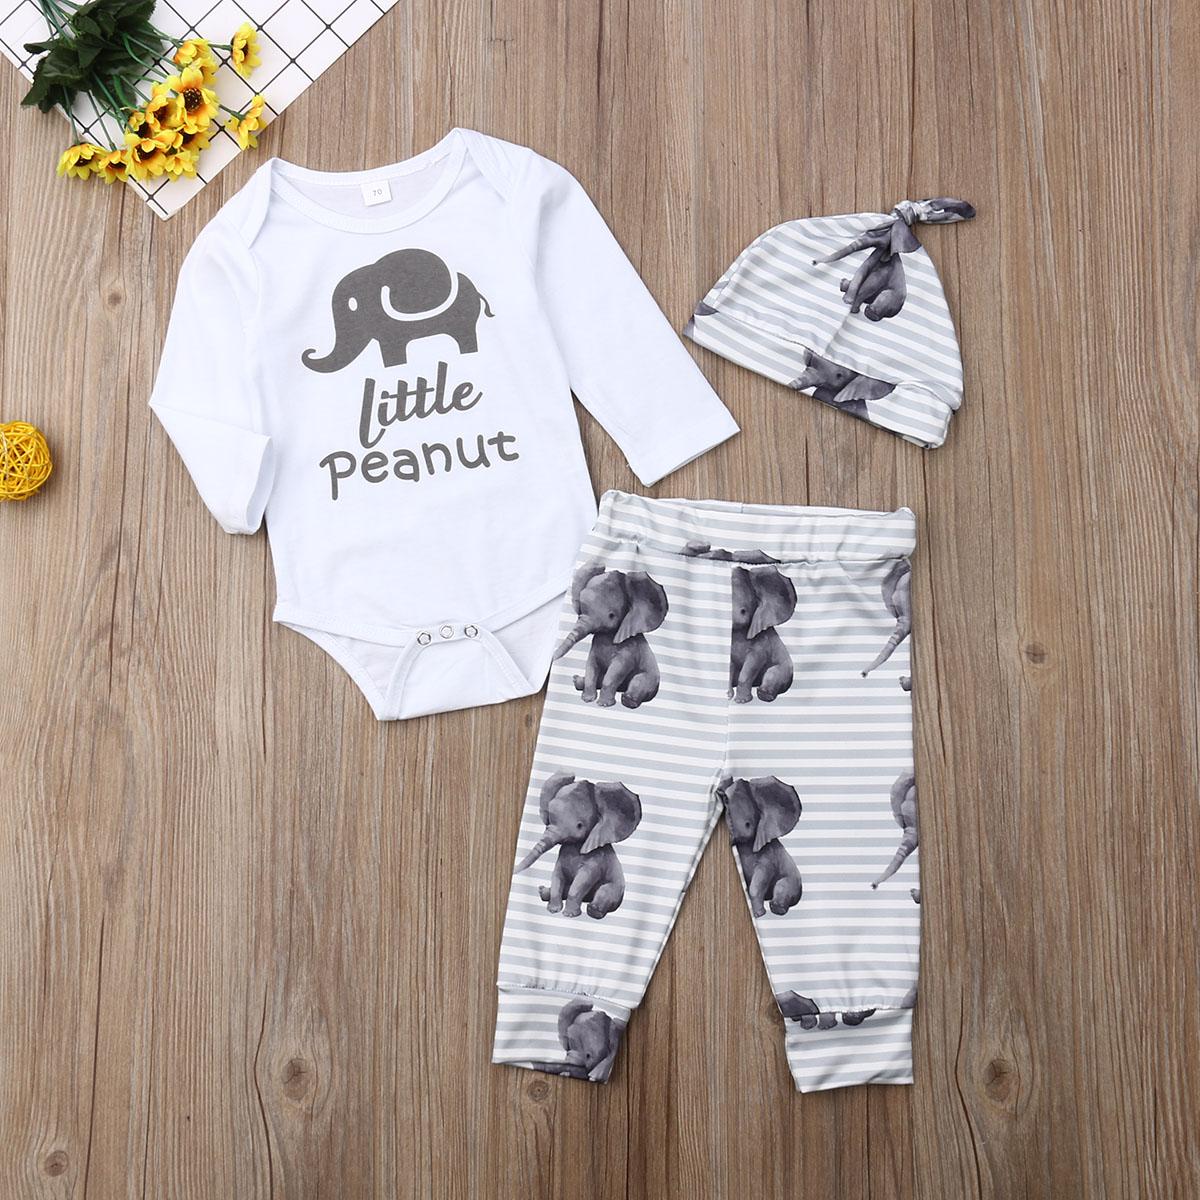 Baby clothing Unisex